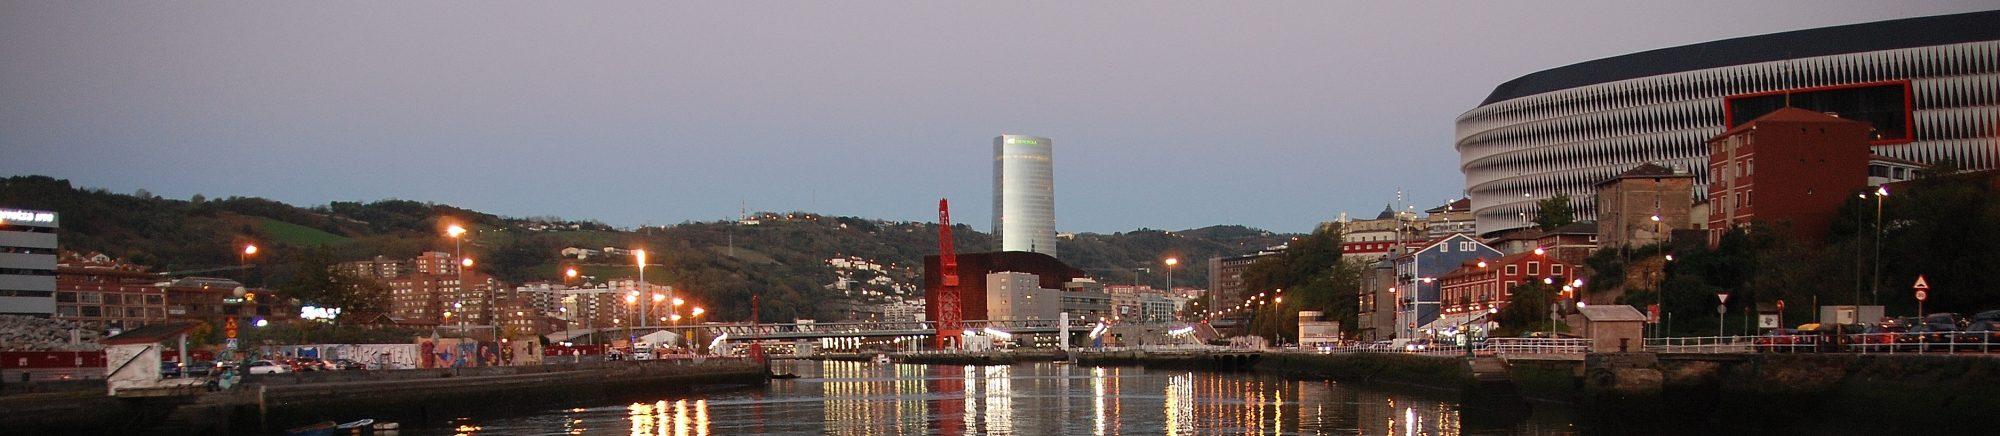 Bilbao Song 2019: un viaje a finales de marzo del año diecinueve